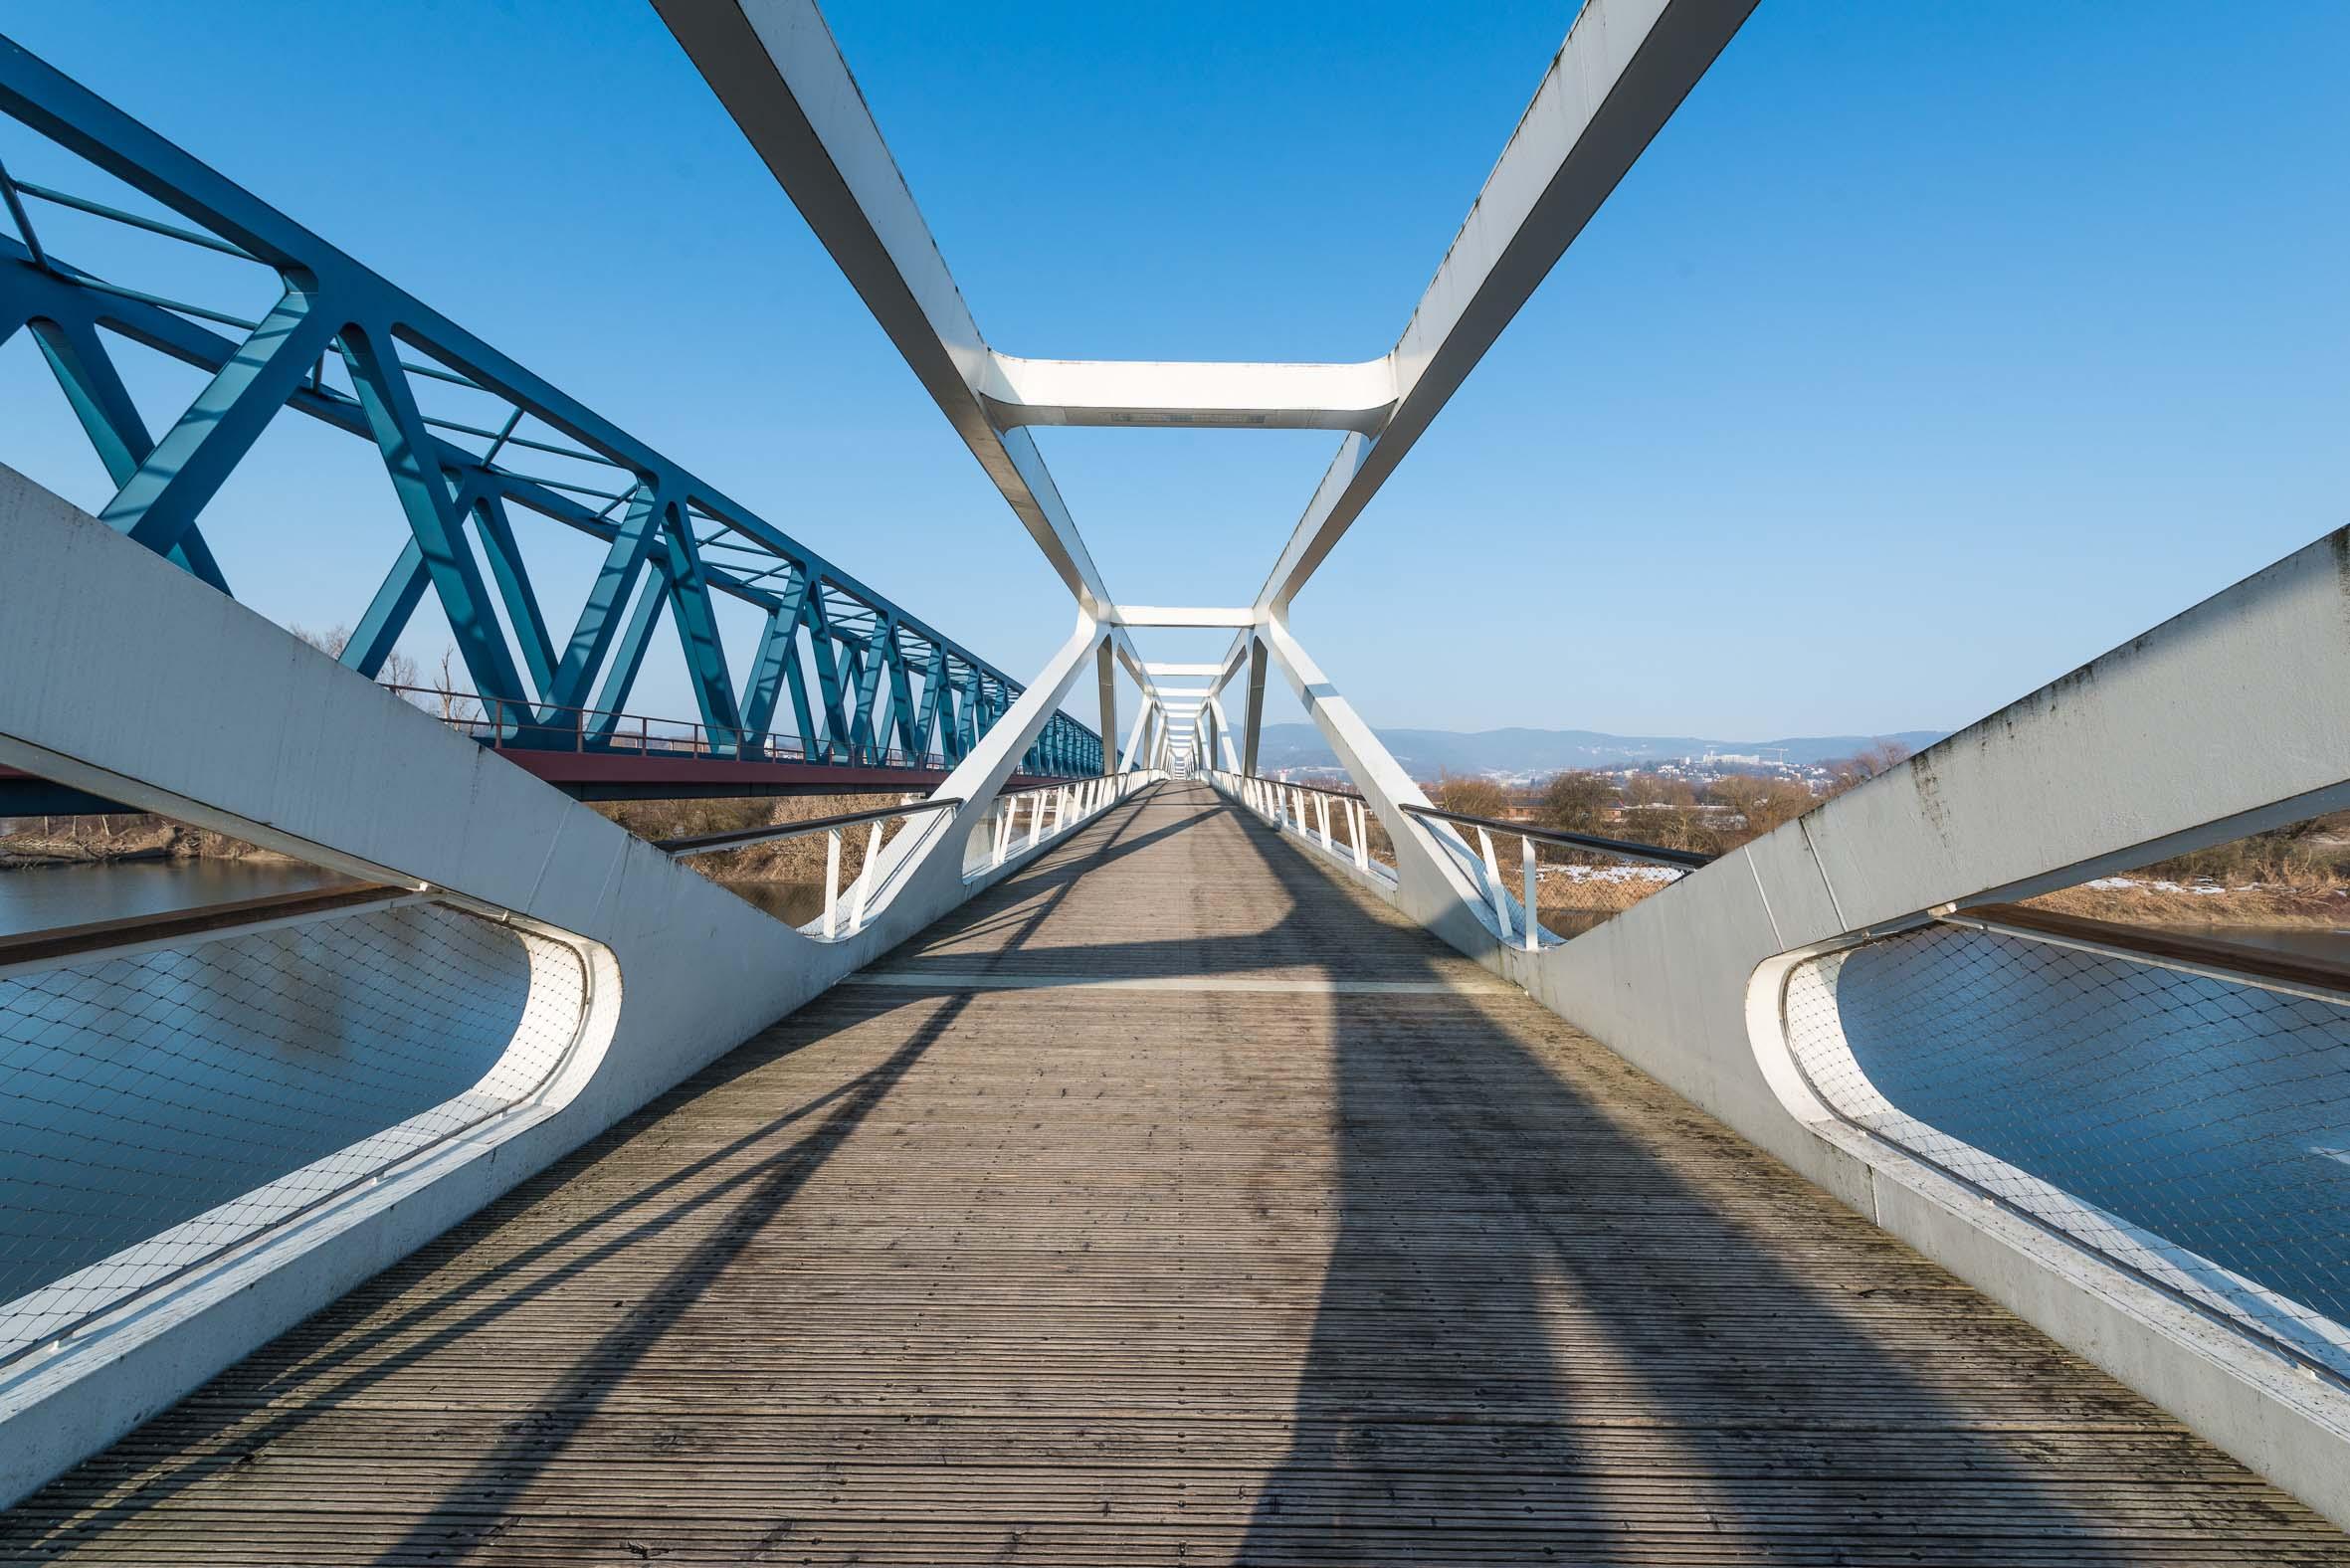 Architekturfotografie Geh- und Radwegbrücke Deggendorf Deutscher Brückenbaupreis 2016